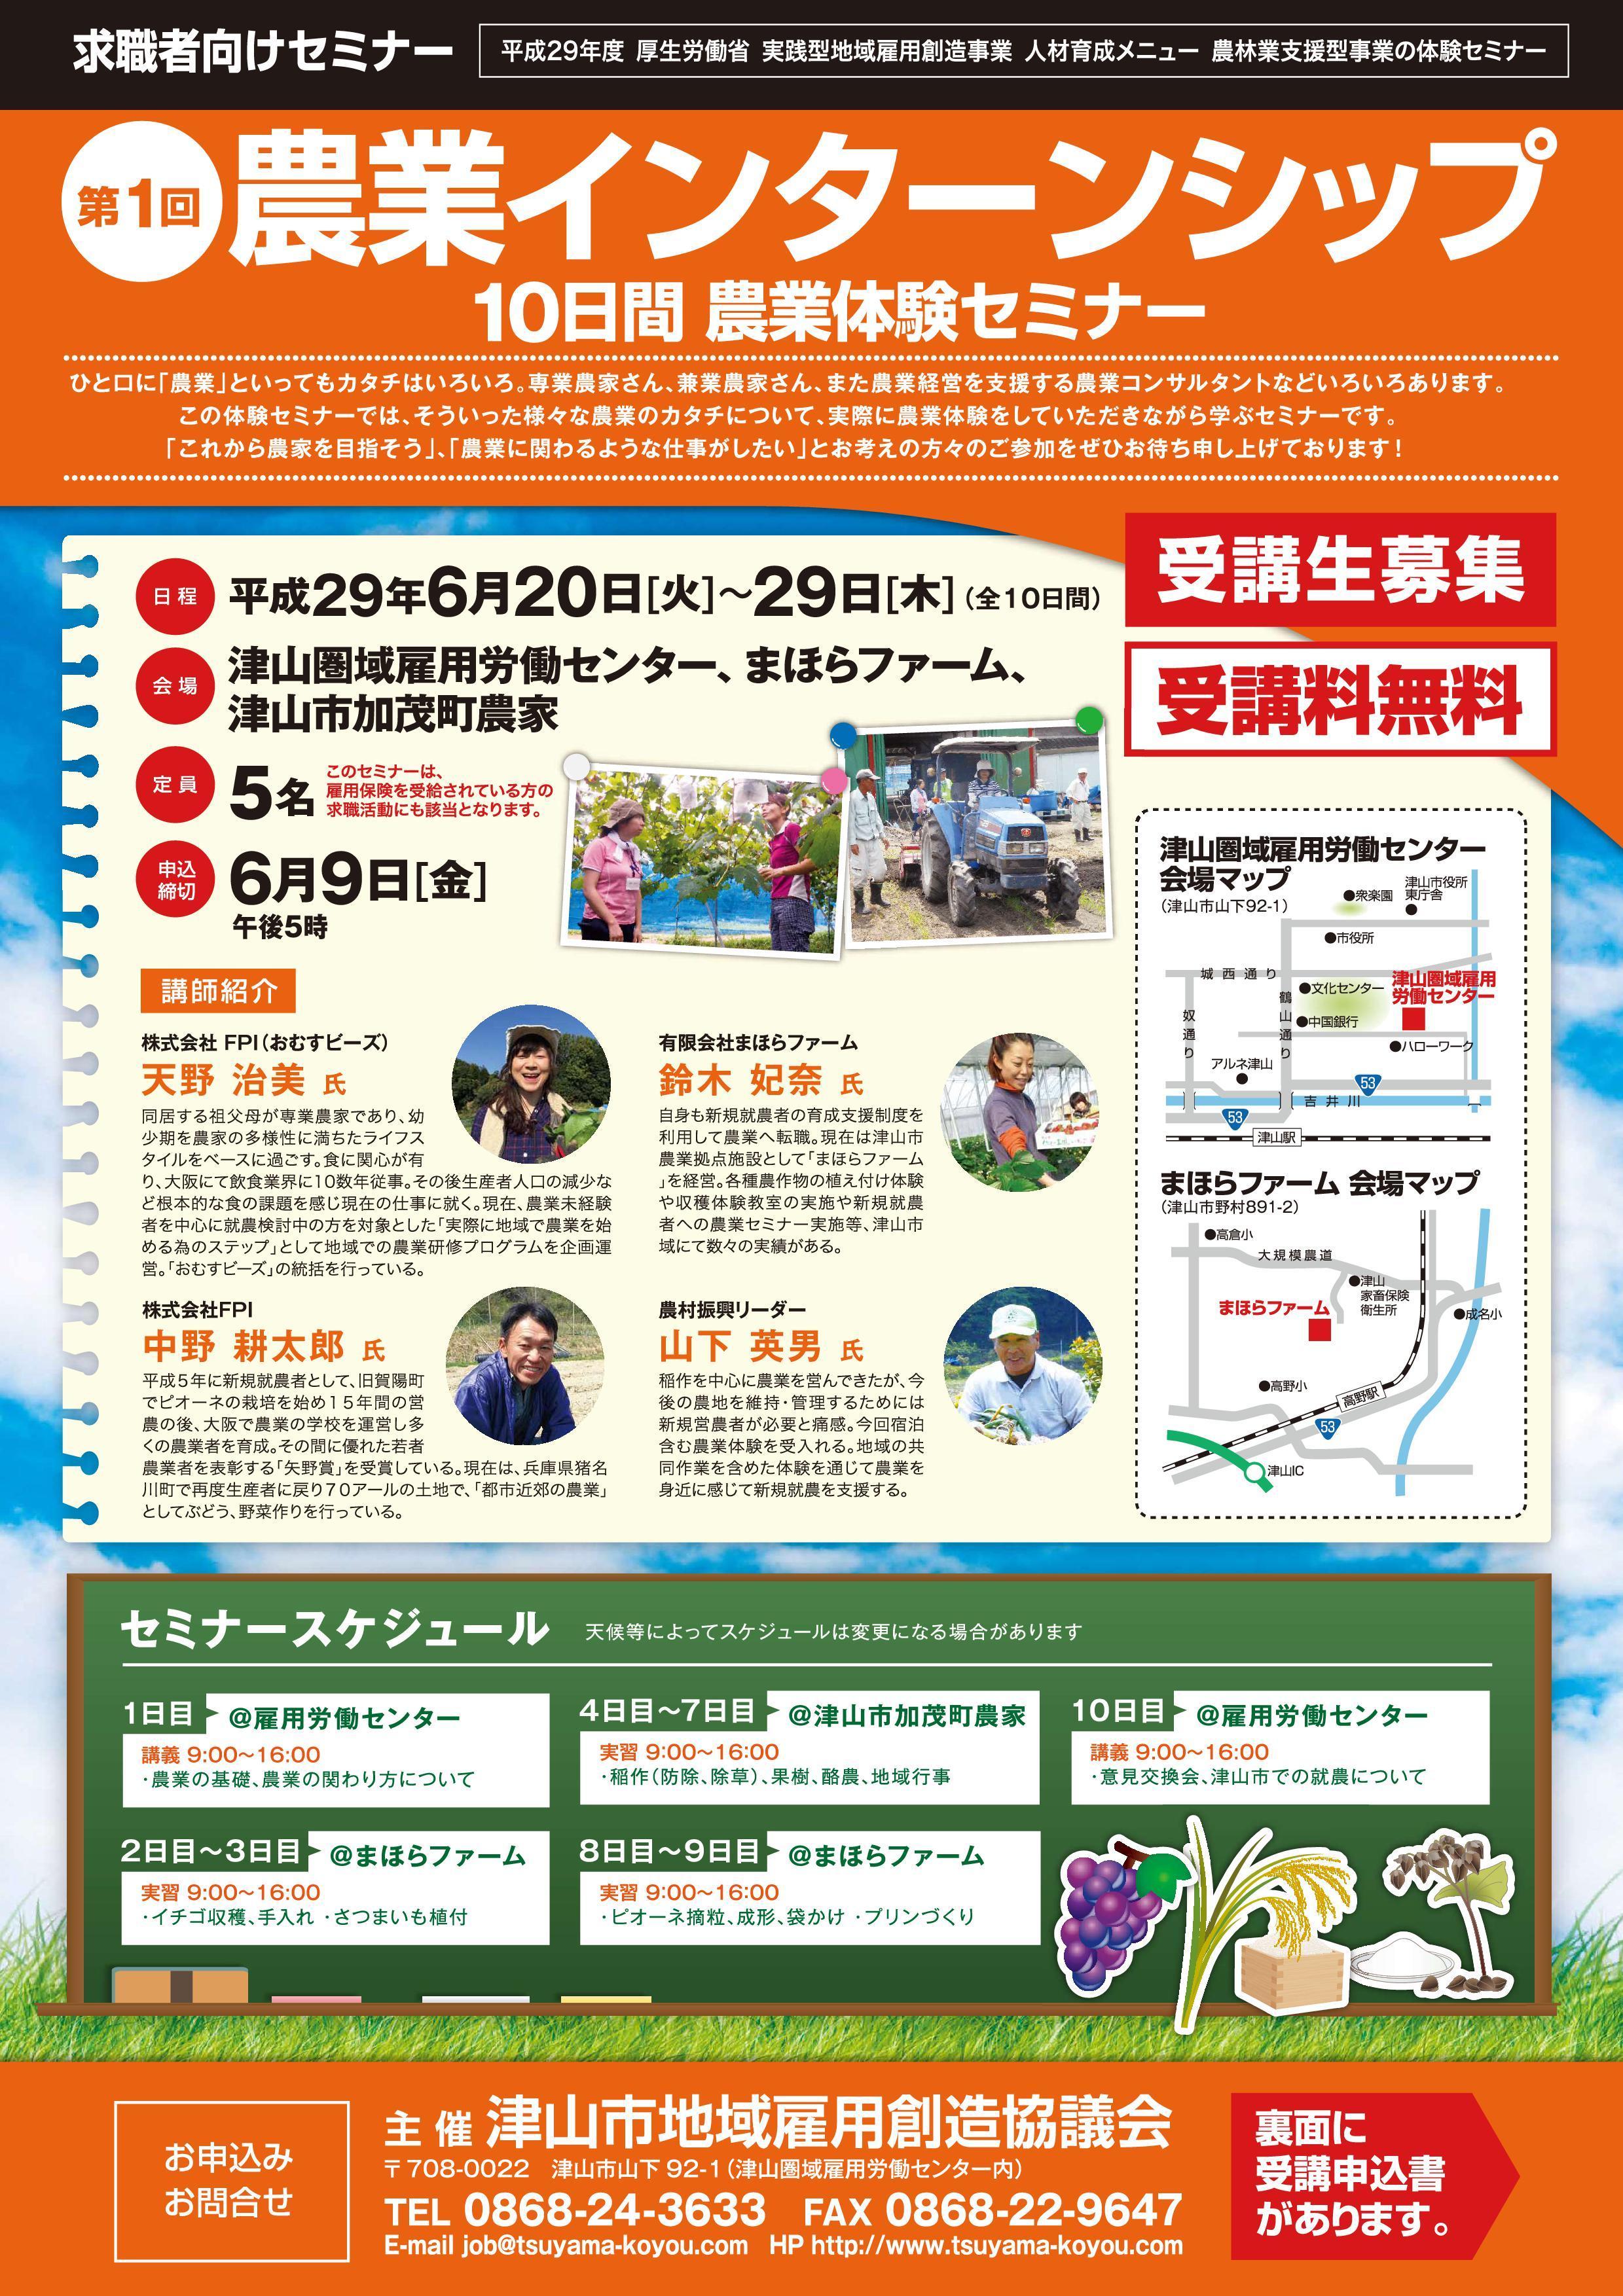 第2回 津山市IJUターンcafe ~移住者交流会・女子会編~ 開催のお知らせ